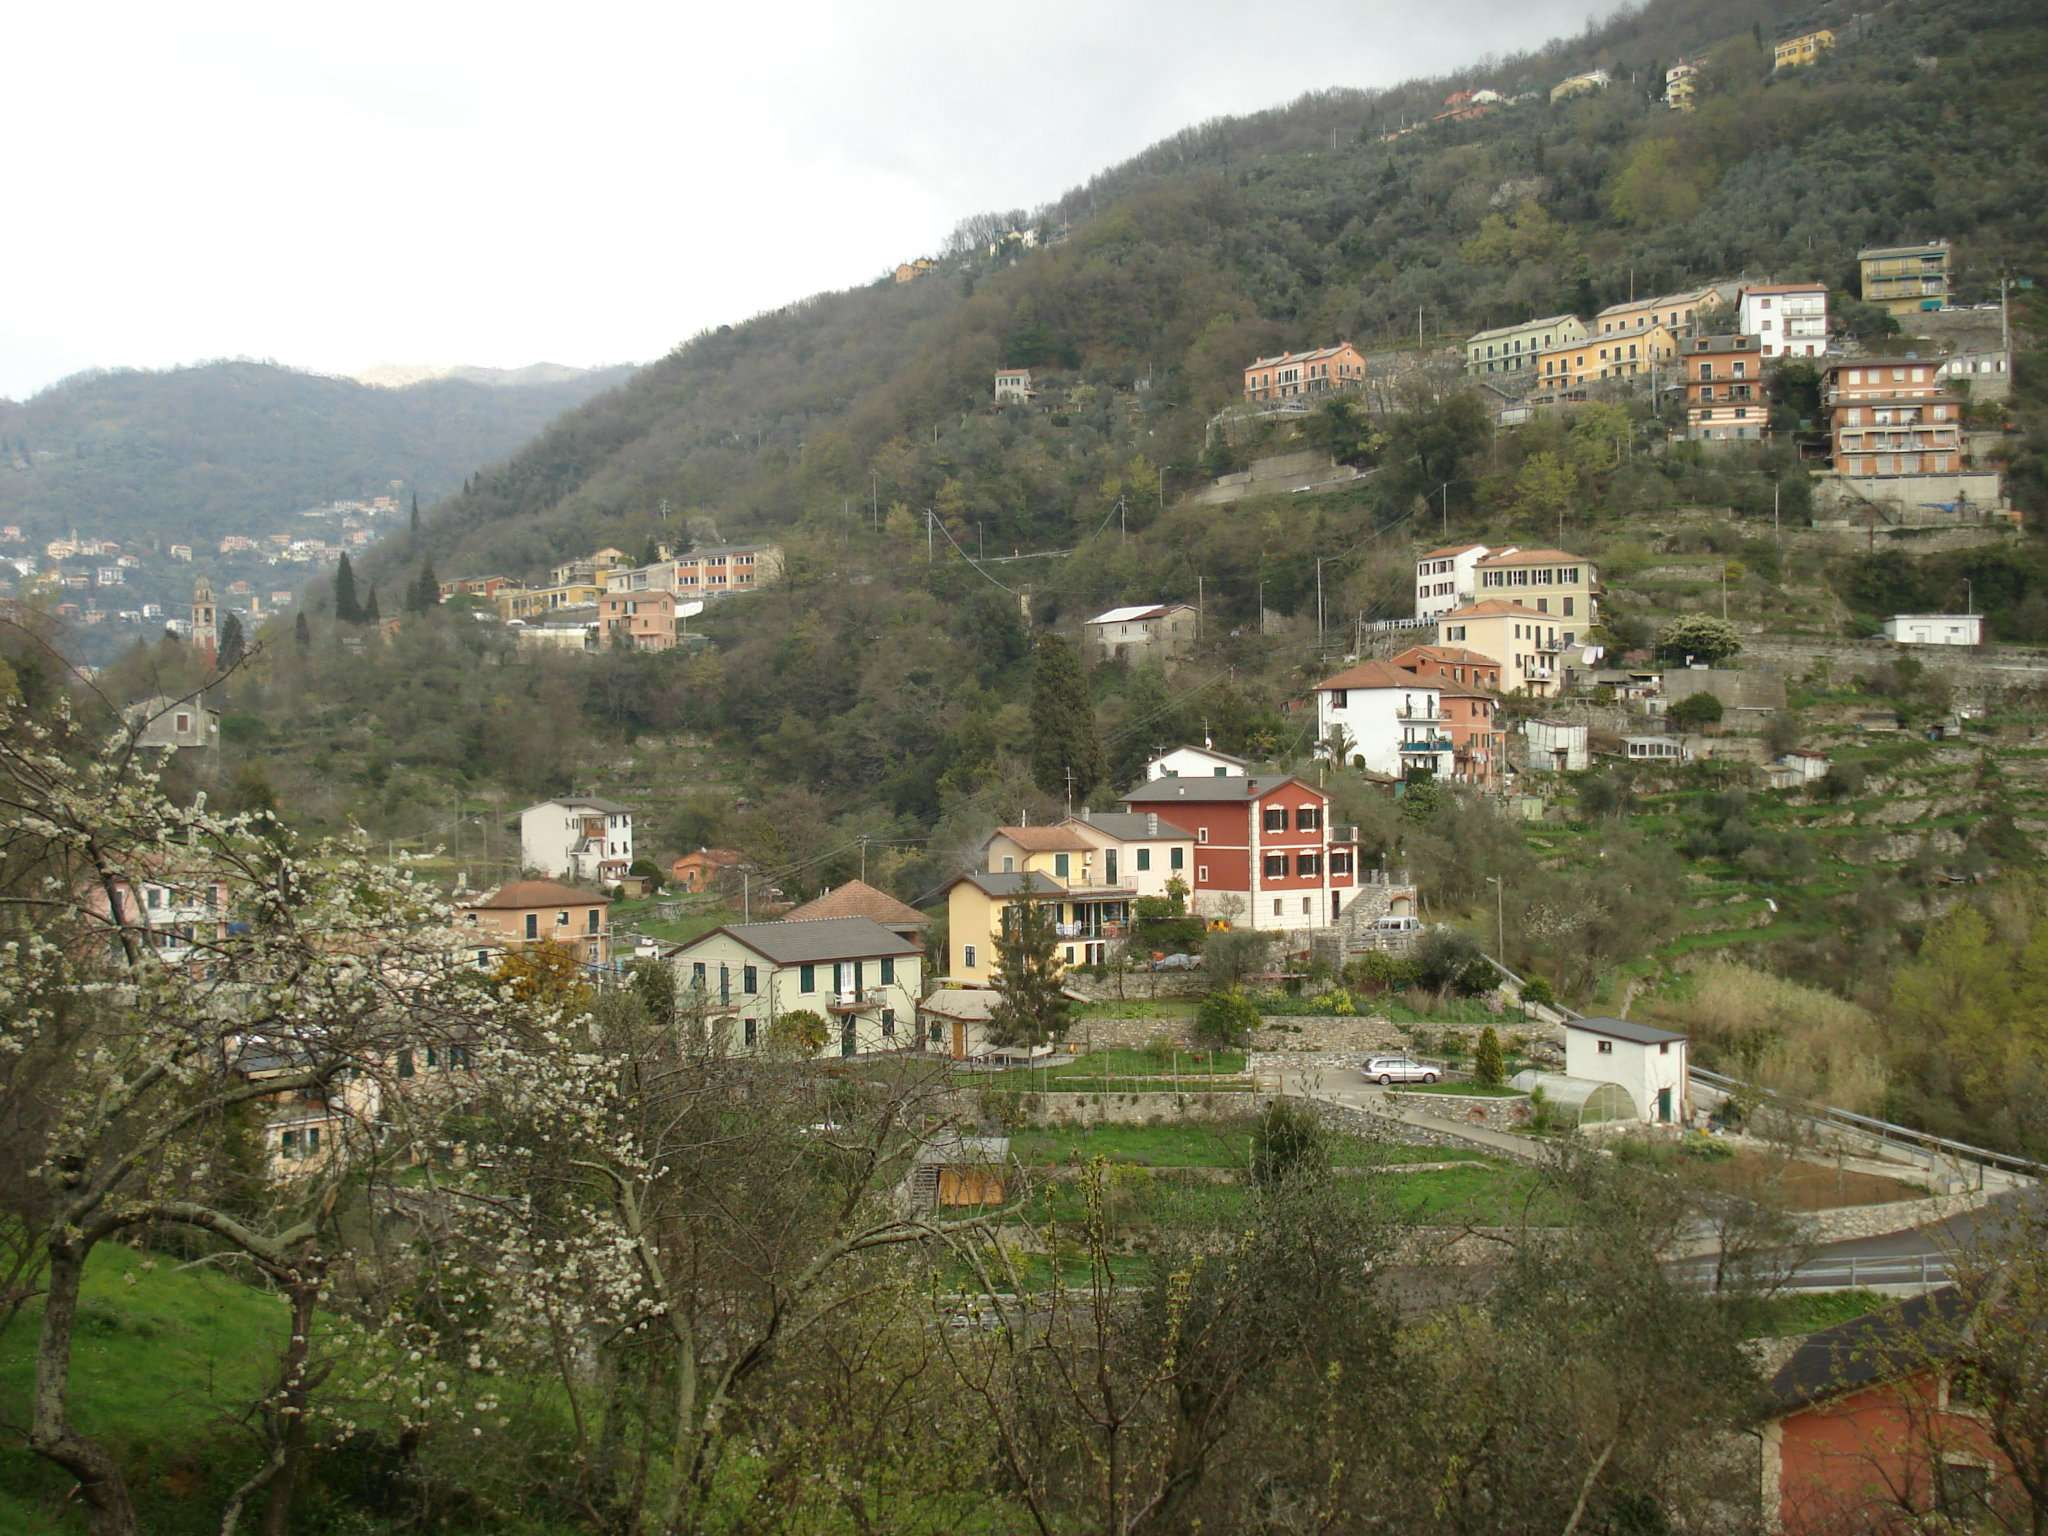 Ristorante / Pizzeria / Trattoria in affitto a Avegno, 4 locali, Trattative riservate | CambioCasa.it